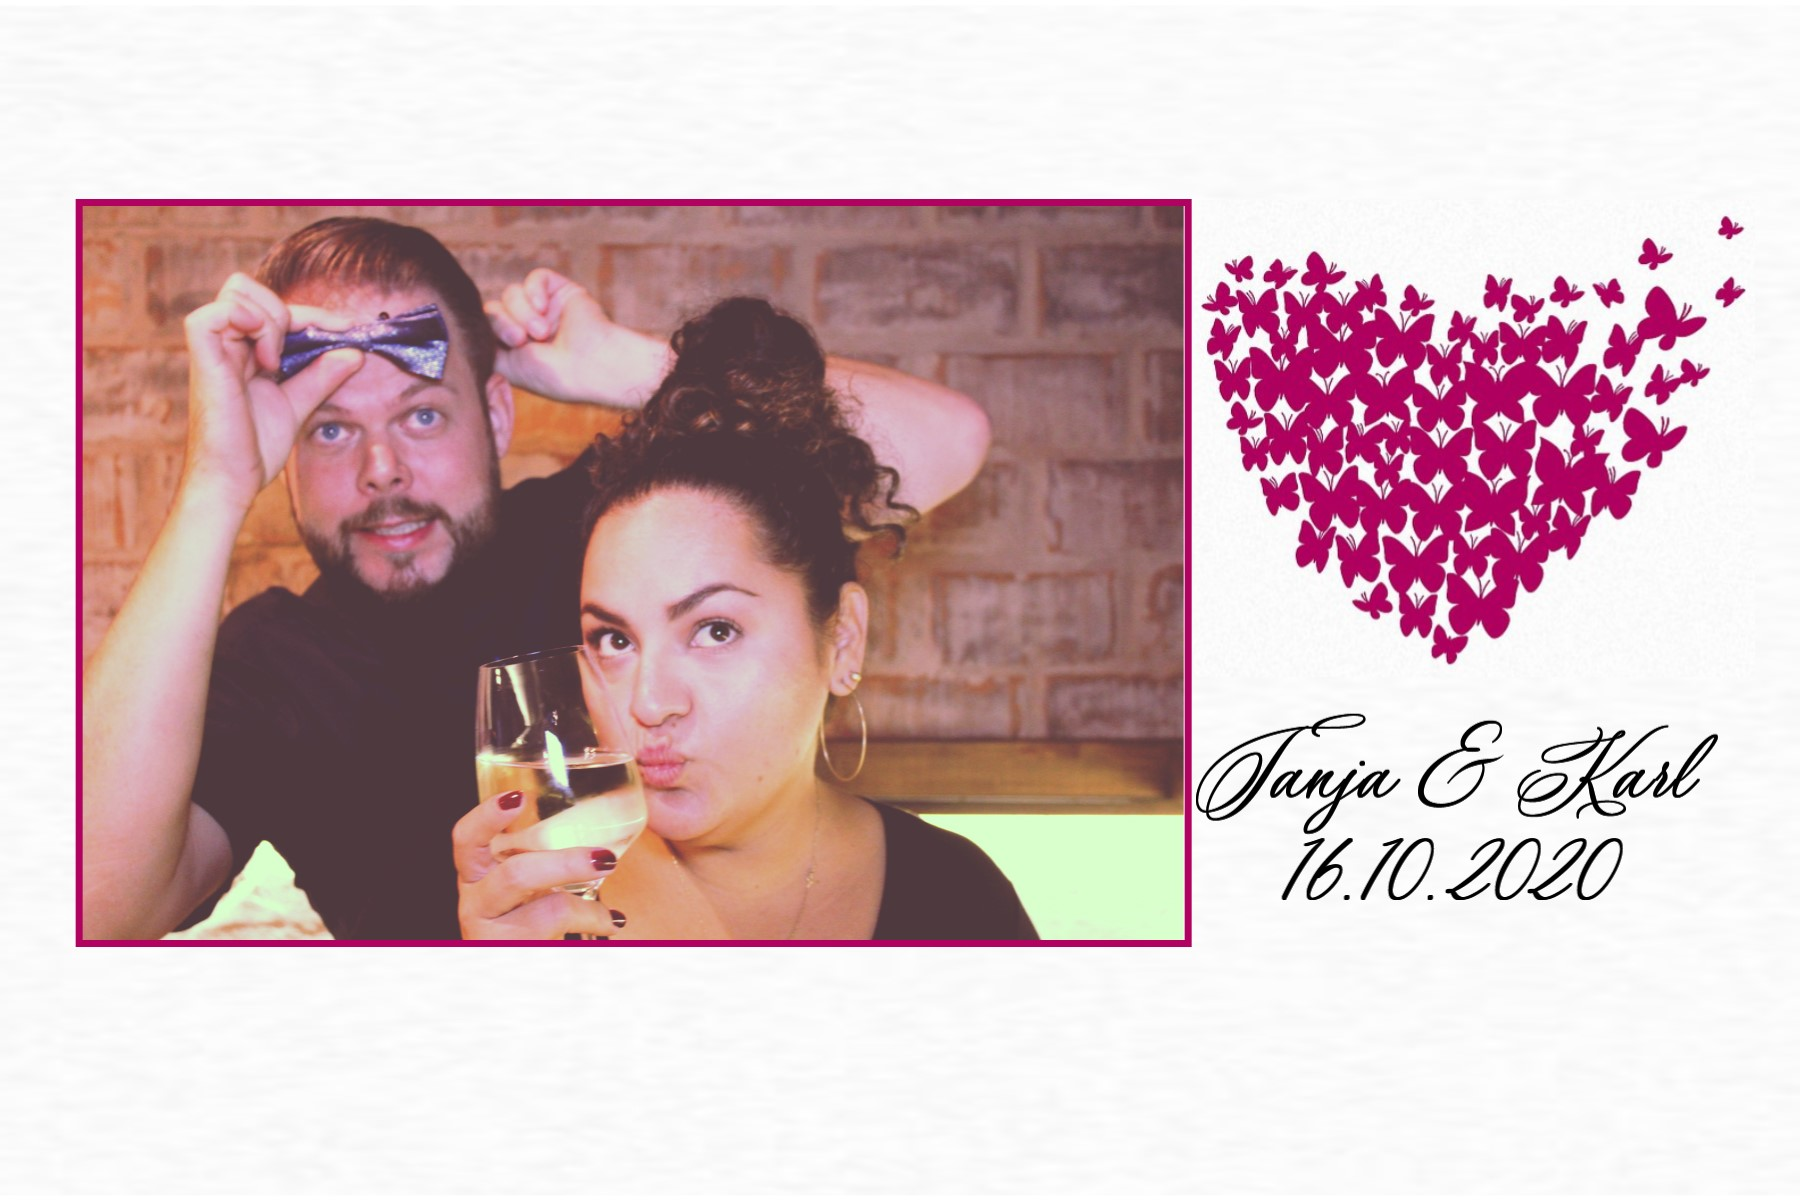 Tanja & Karl